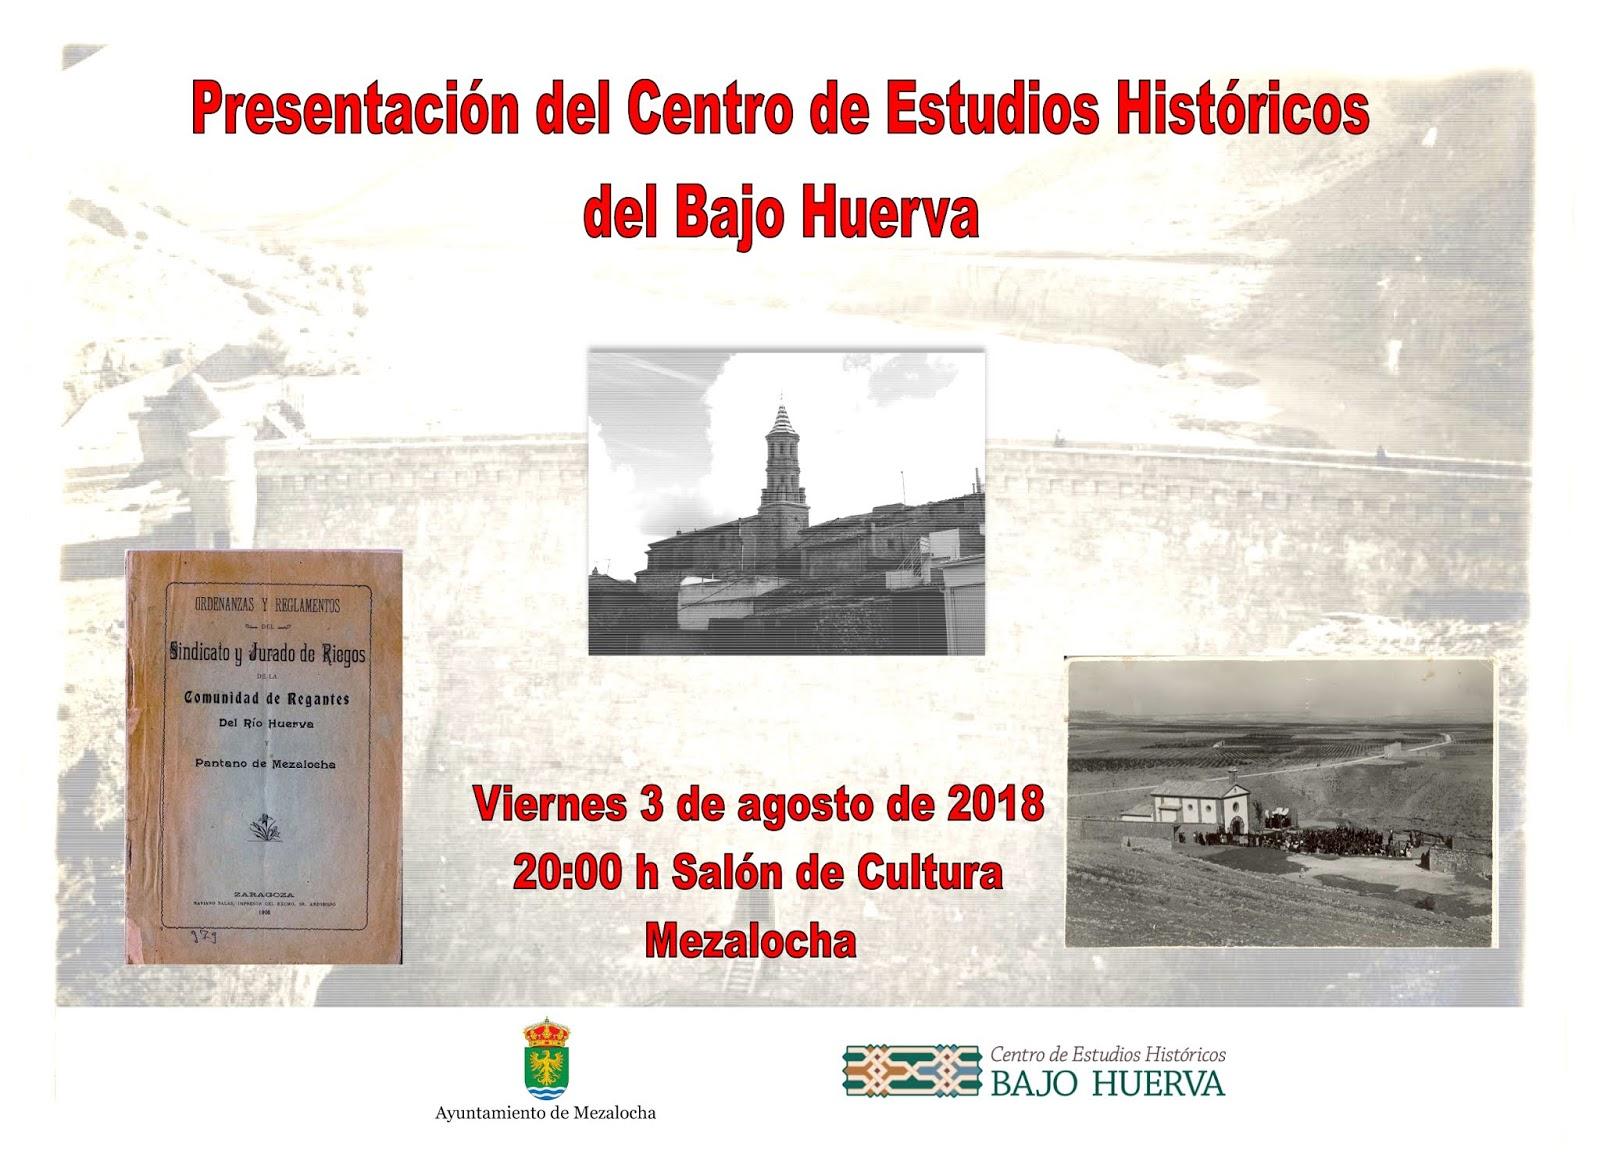 Centro de Estudios Históricos del Bajo Huerva: julio 2018